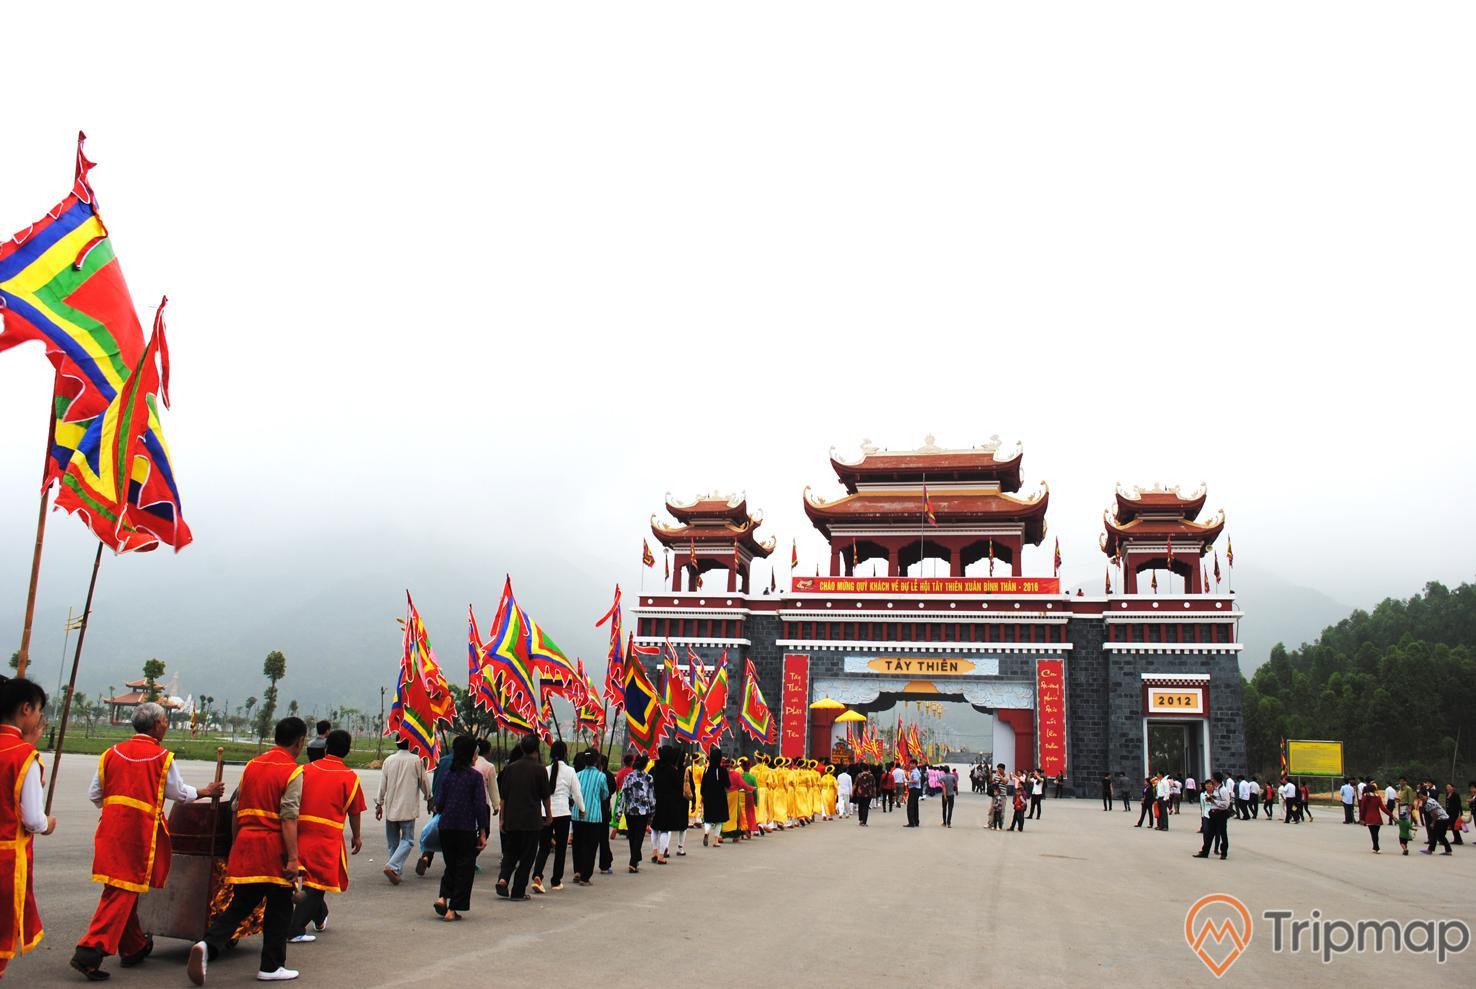 Lễ hội được tổ chức tại di tích Tây Thiên